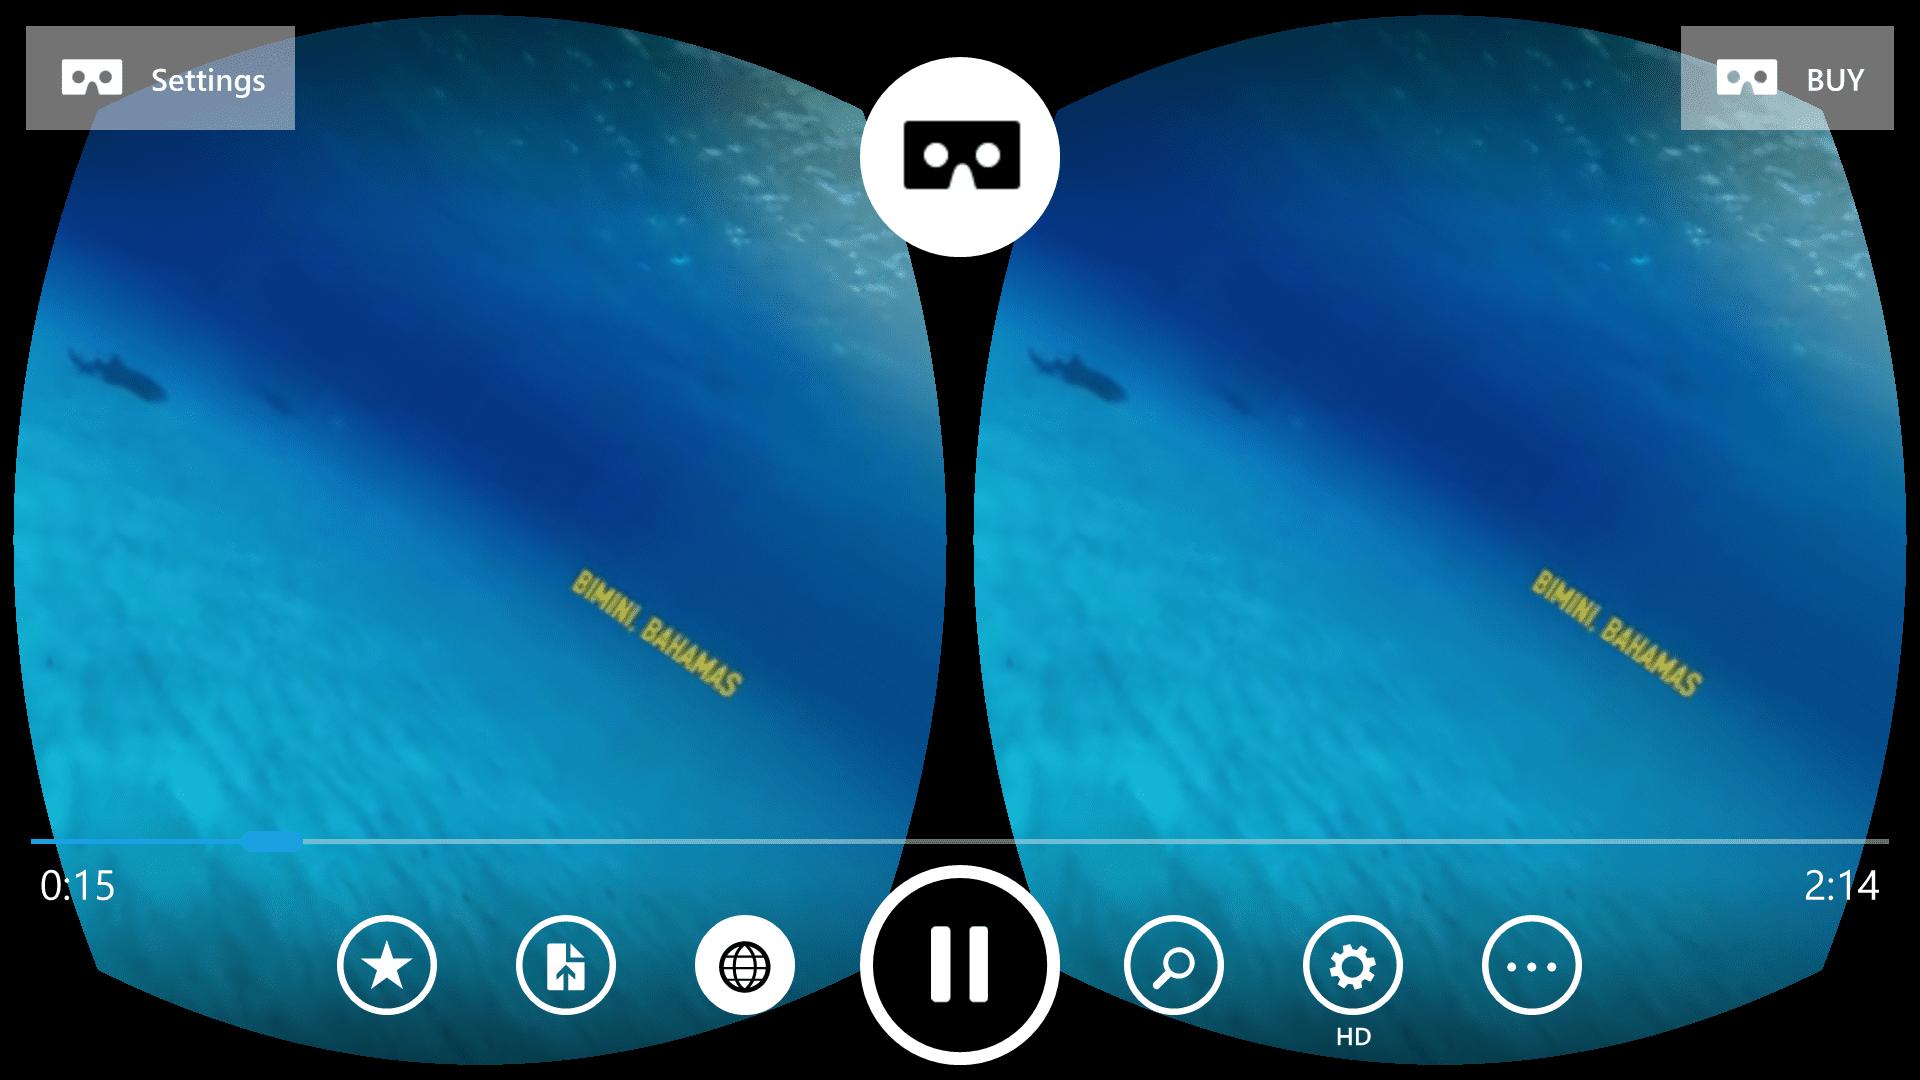 Windows Phone VR windows phone vr: testamos a experiência de realidade virtual em smartphones windows